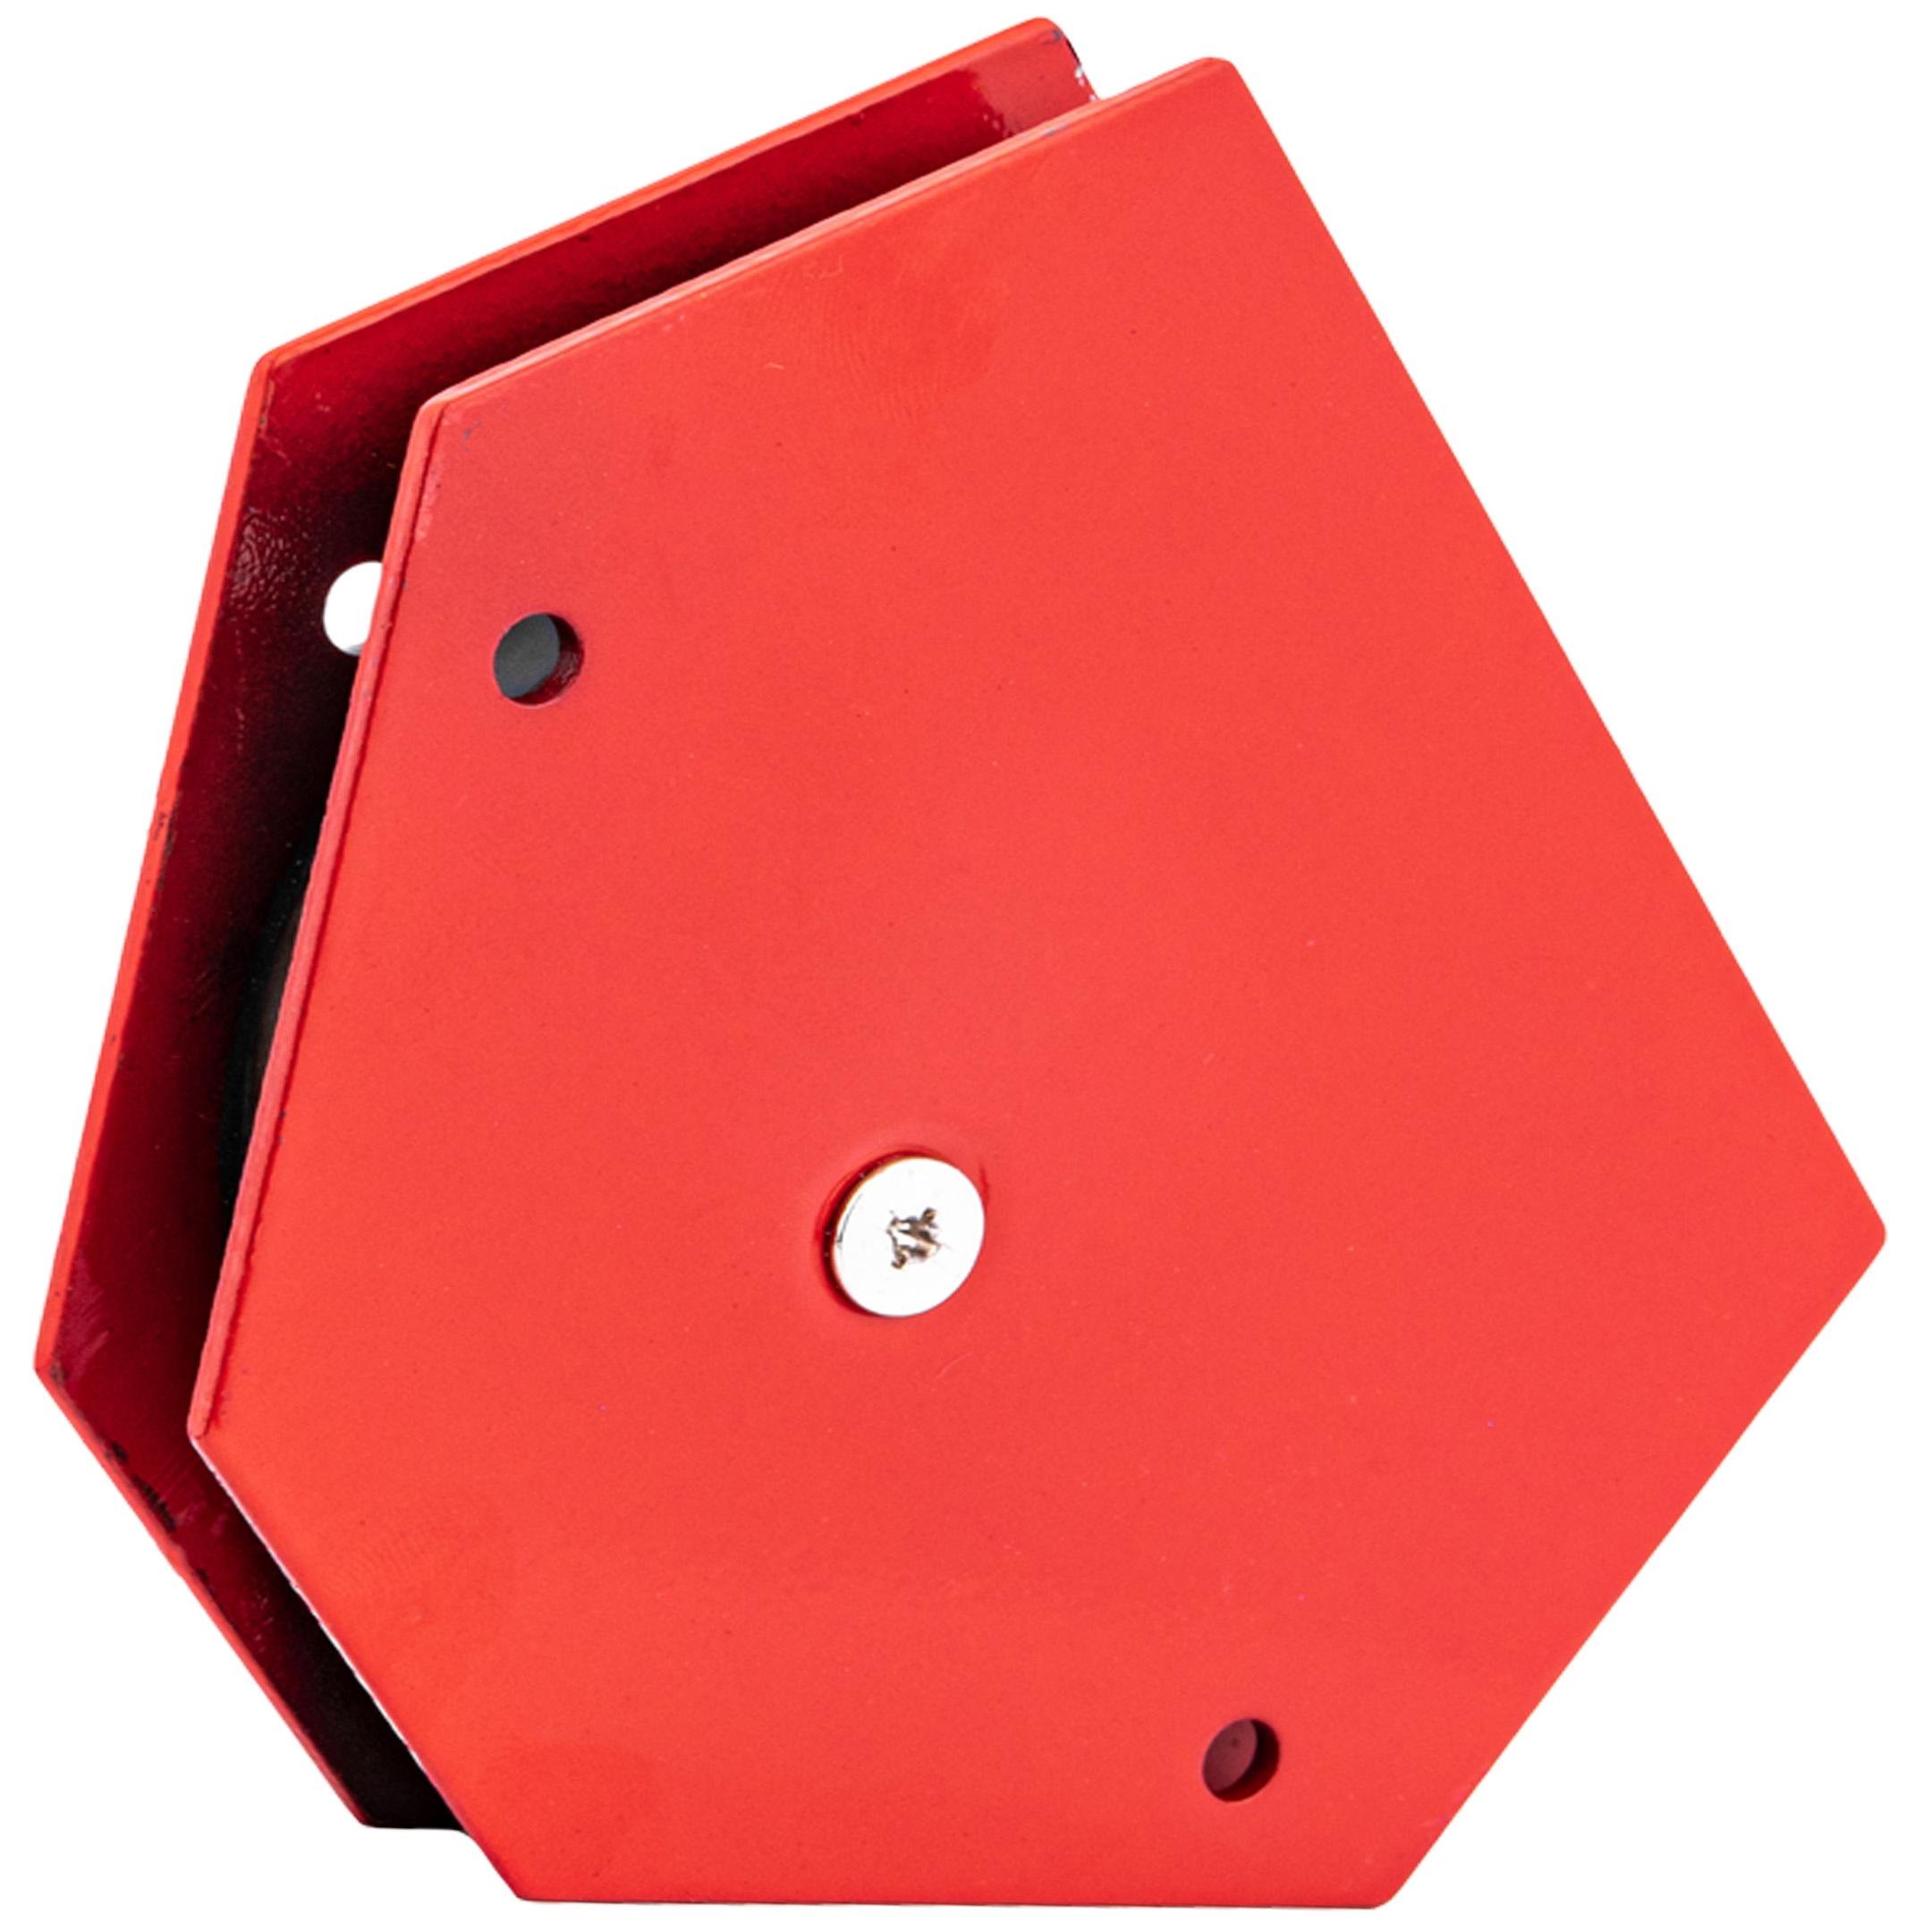 Image of Magnetyczny kątownik spawalniczy udźwig 22.5 kg falon-tech